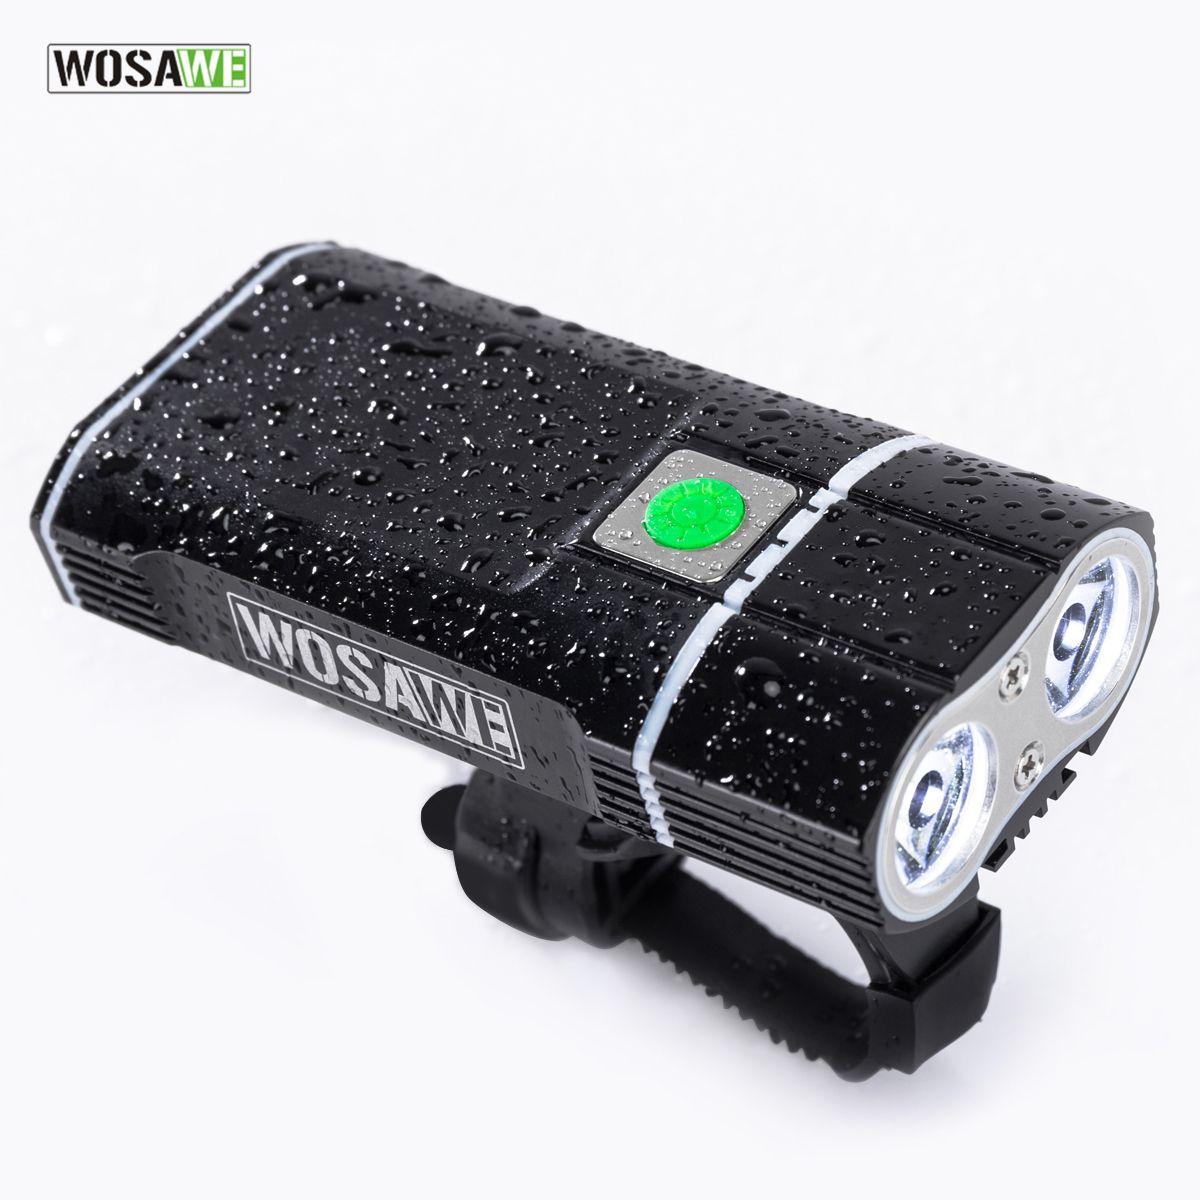 Lampe de vélo WOSAWE 2400 Lumens avec 18650 piles intégrées lumière de vélo Rechargeable USB lampe de poche 2-xml lampe à LED 5 modes